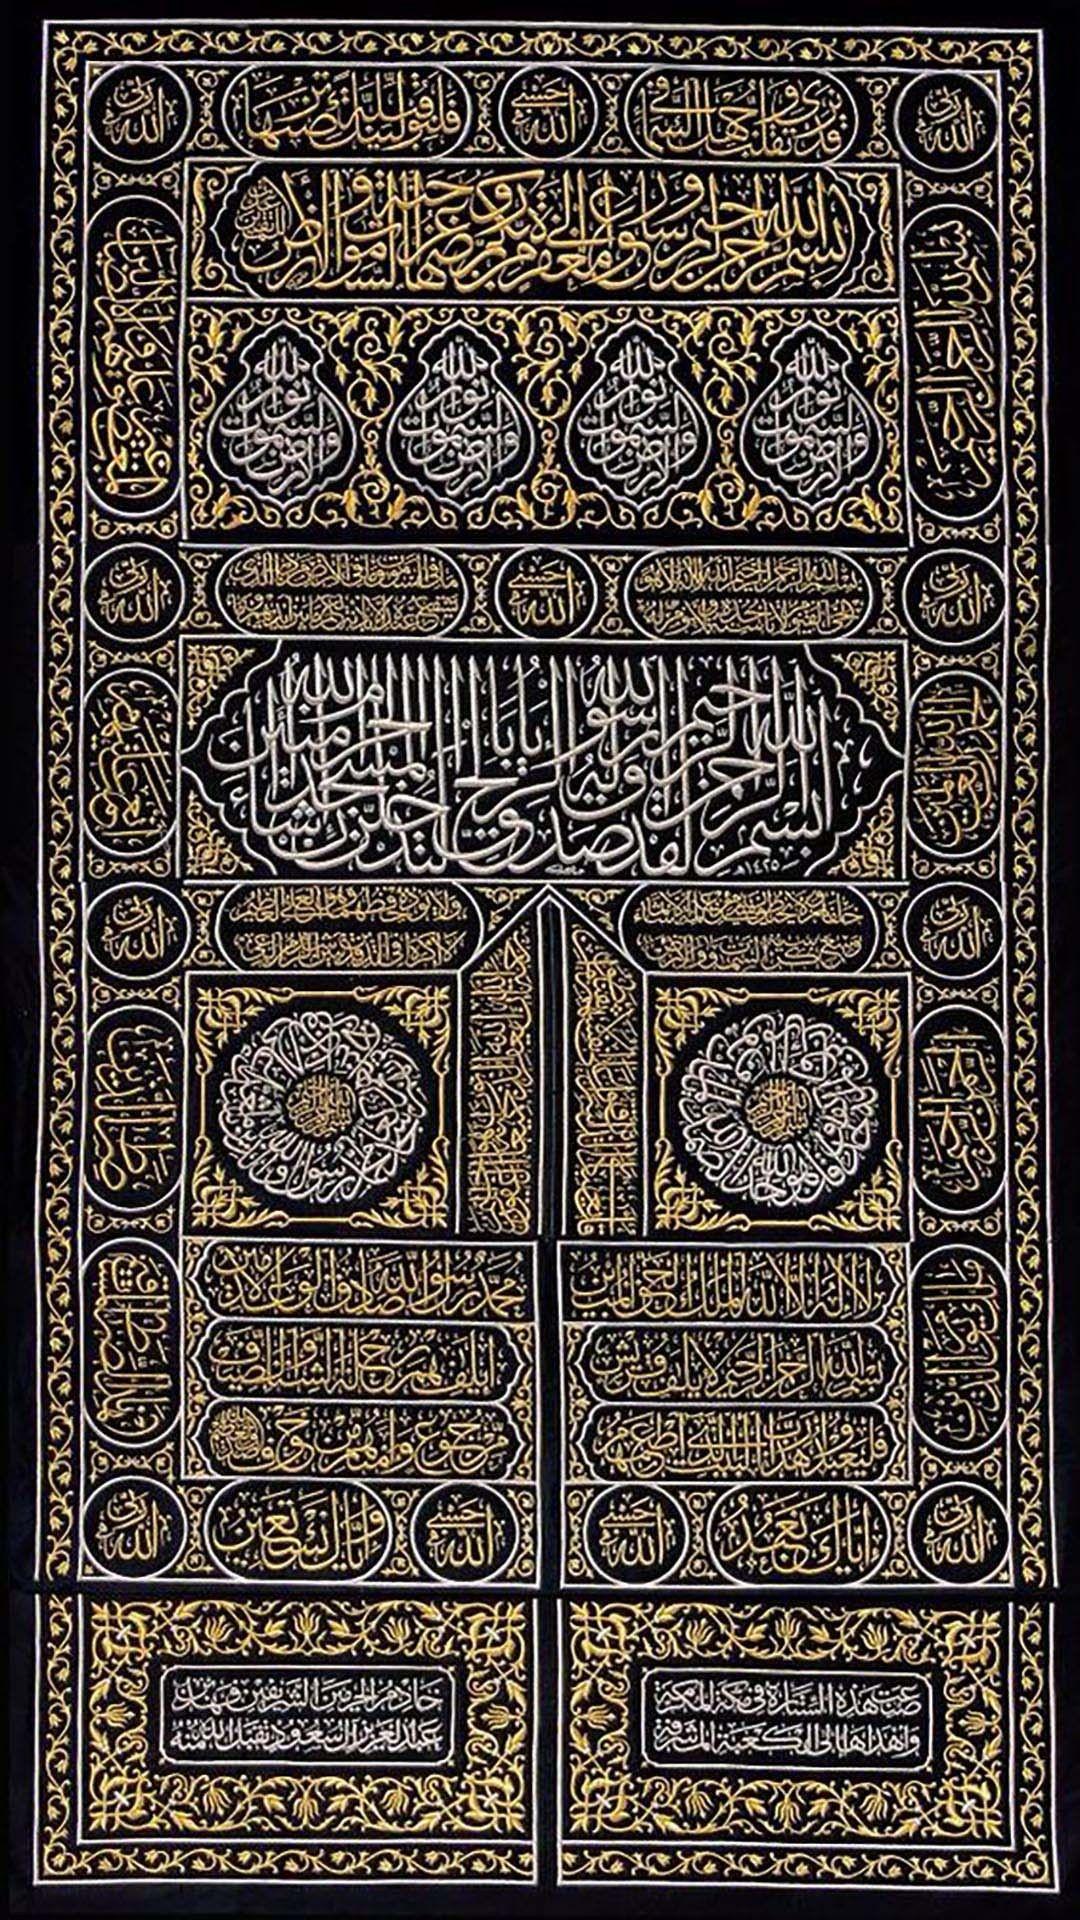 Pin By Re Raz On Kis Arabic Calligraphy Art Islamic Art Calligraphy Islamic Calligraphy Painting